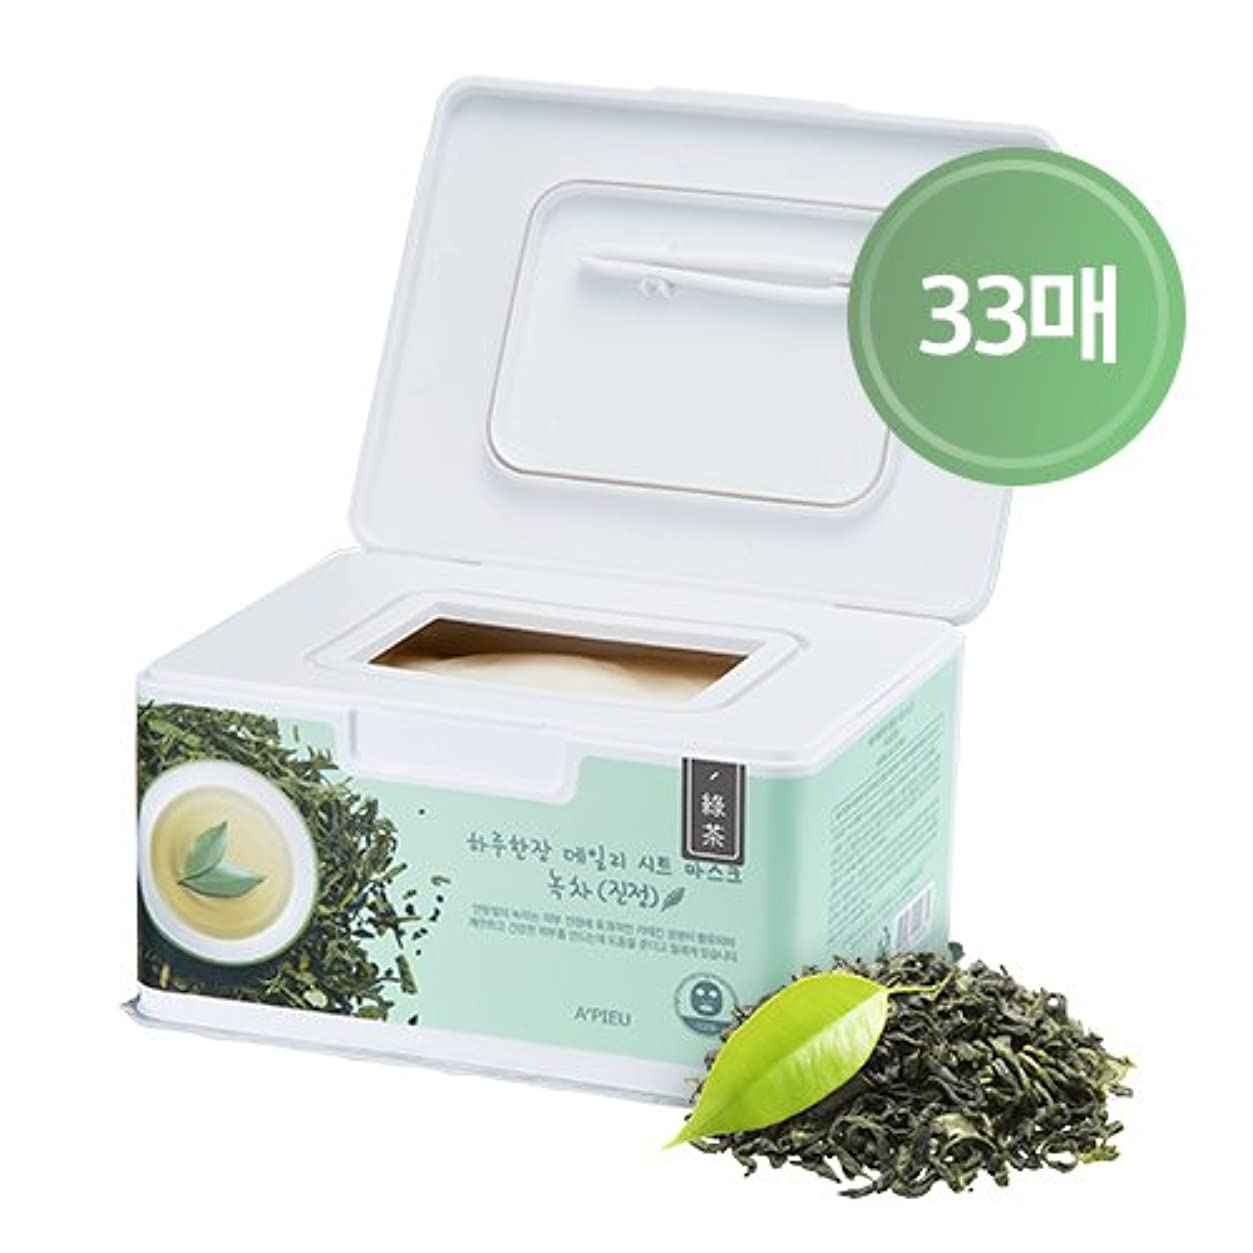 スプレー献身カウンターパートAPIEU DAILY Sheet Mask _ Green Tea (Soothing) / [オピュ/アピュ] デイリーシートマスク_緑茶 (スージング) [並行輸入品]